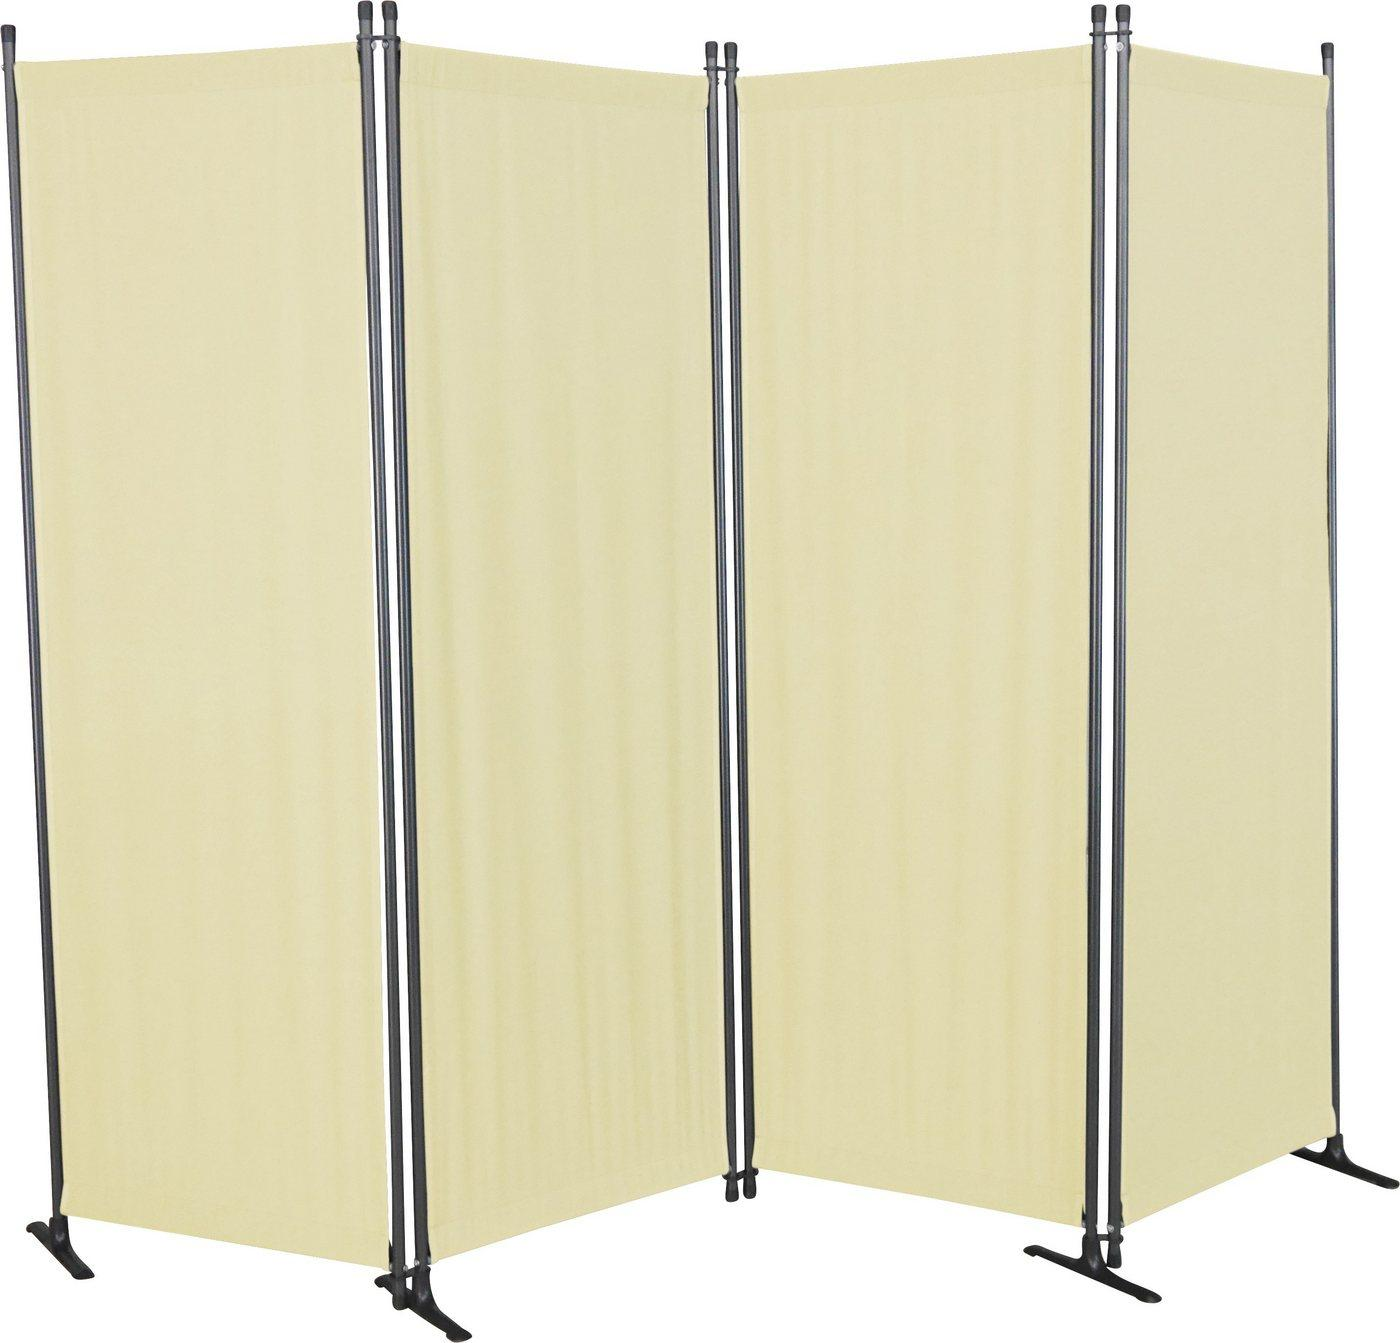 Angerer Freizeitmöbel Paravent (4 Stück), (B/H): ca. 170x165 cm